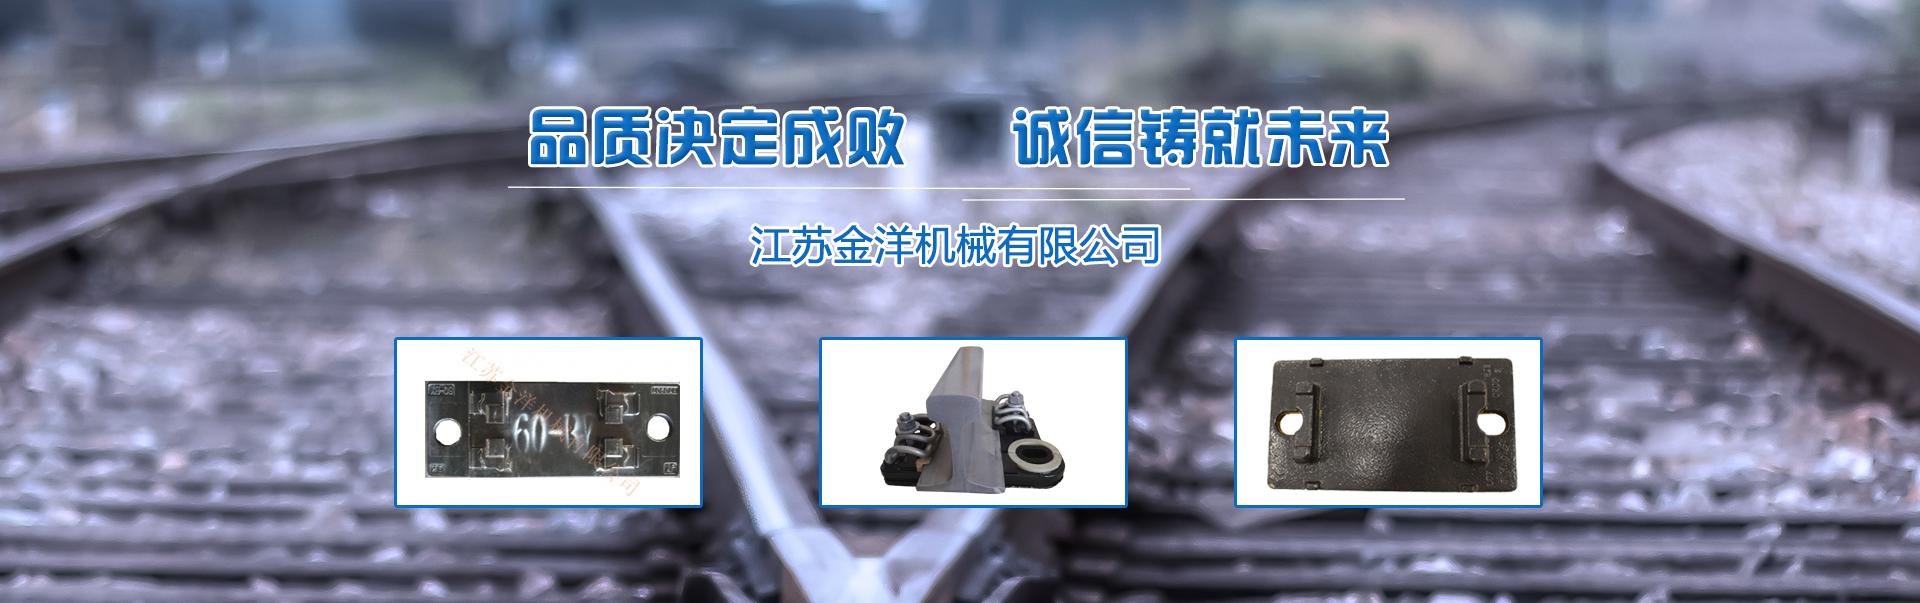 江苏金洋机械有限公司